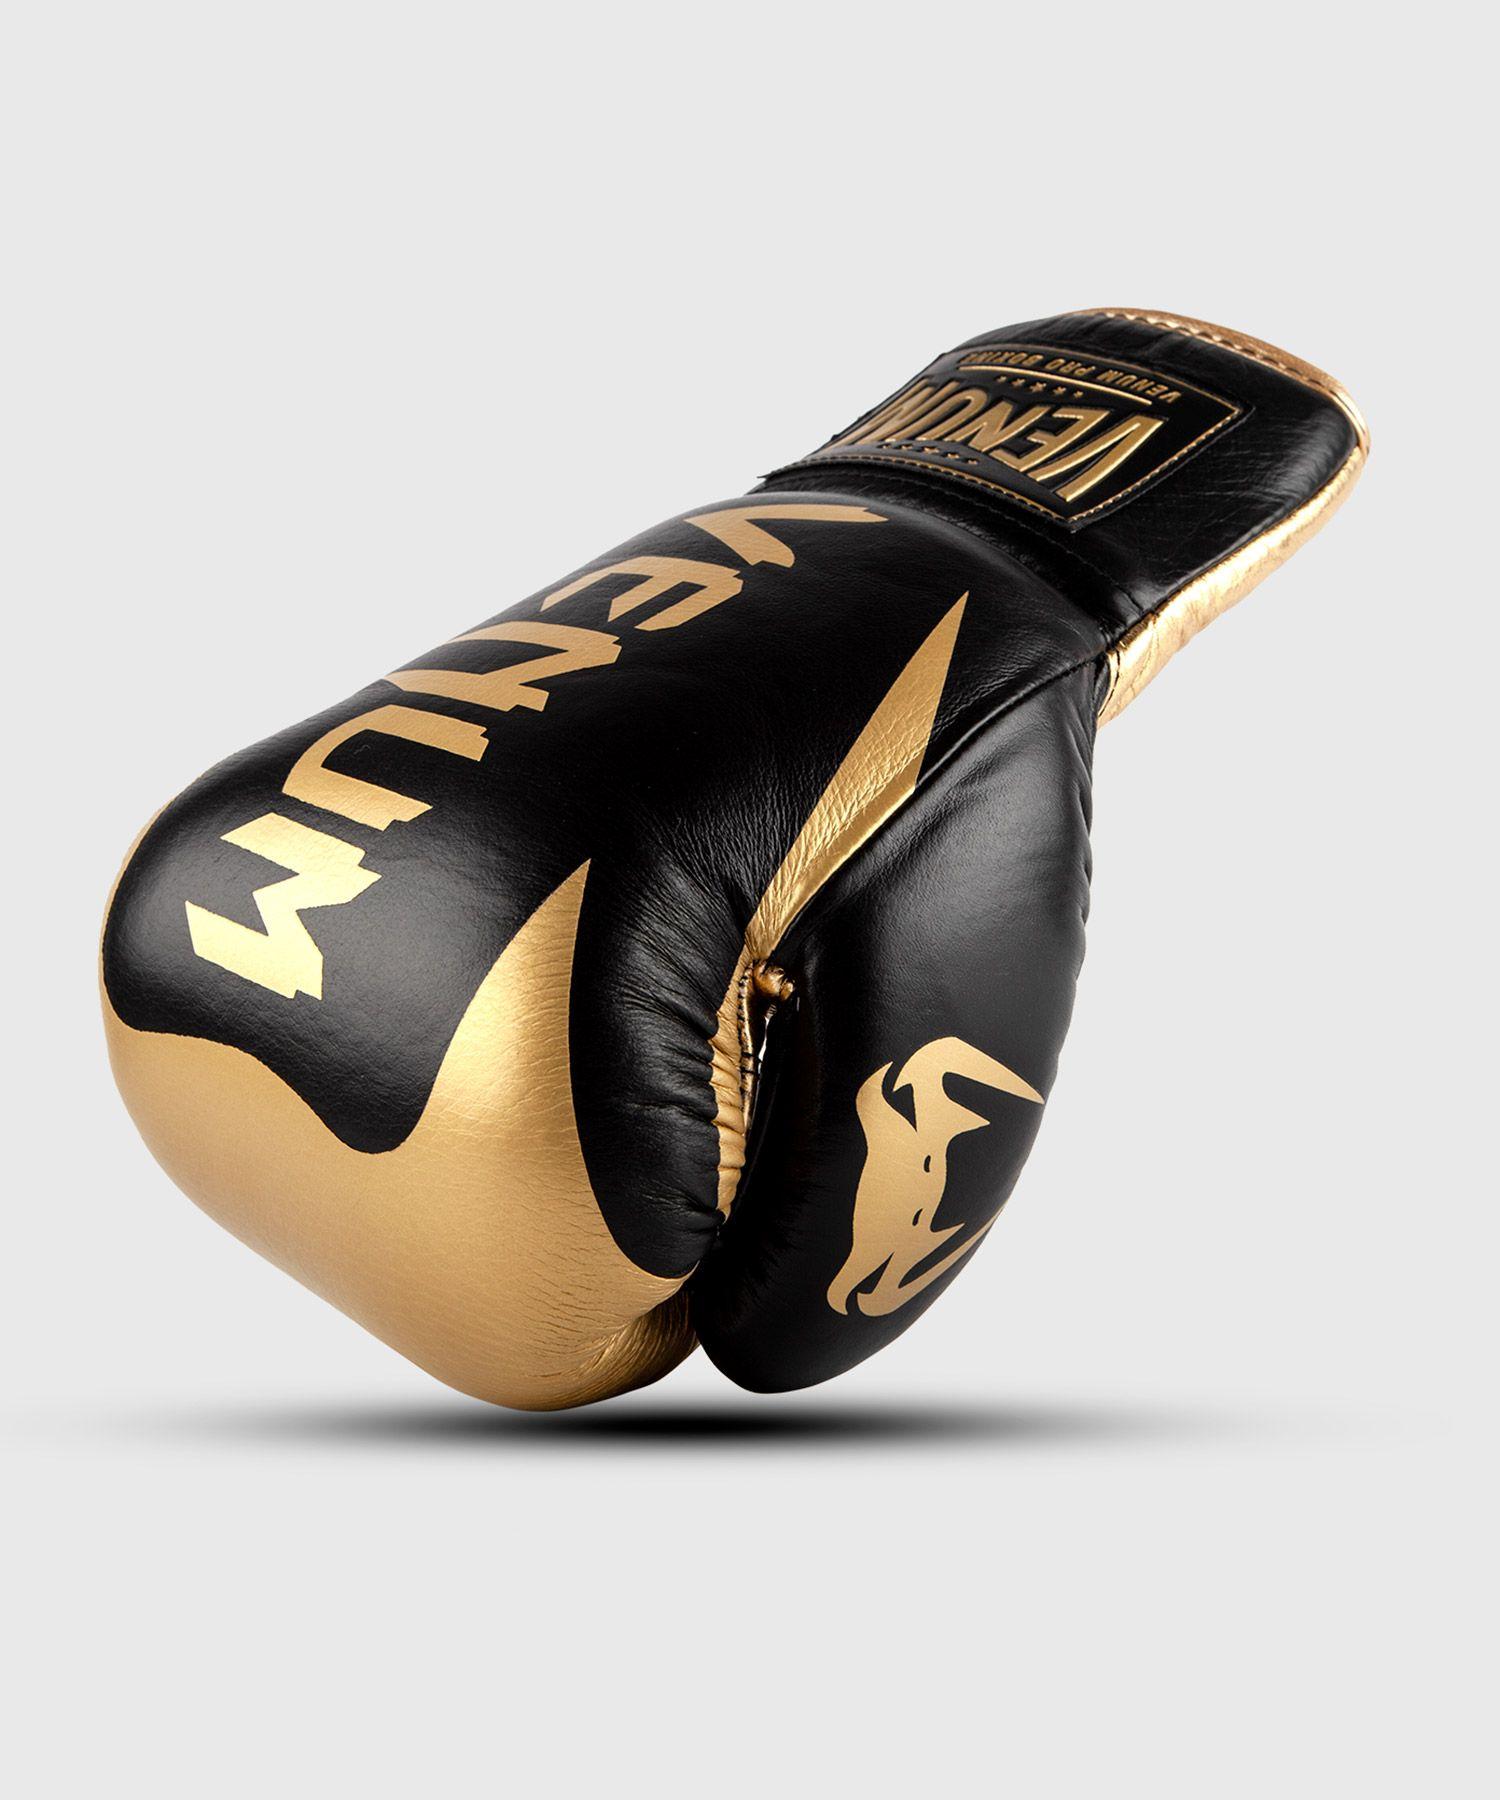 Venum HAMMER professionelle Boxhandschuhe - MIT SCHNÜRUNG - Schwarz/Gold